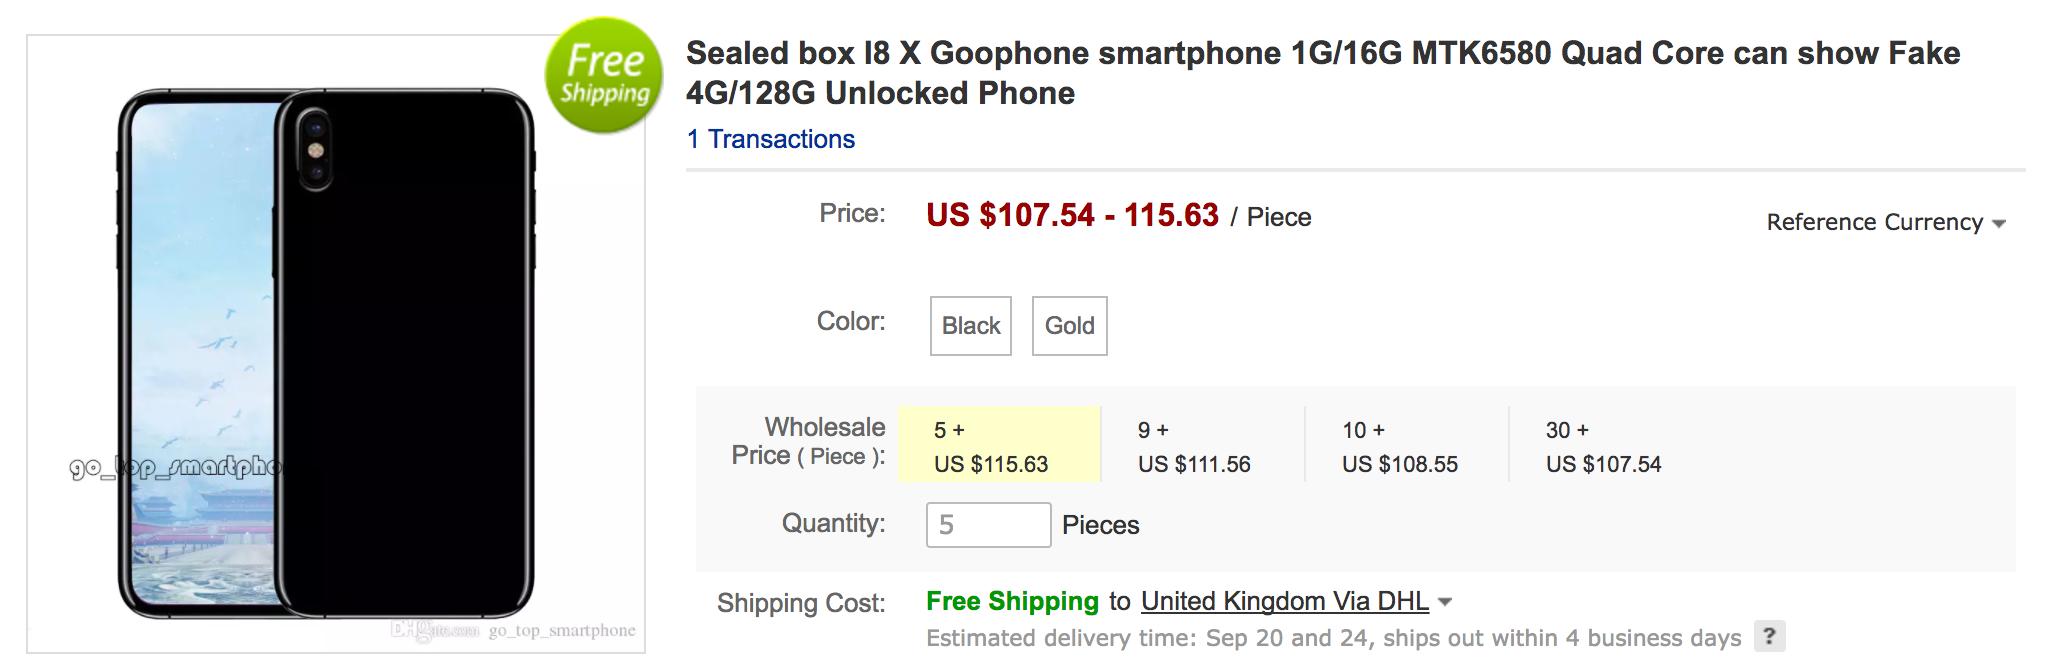 goophone x clone iphone x